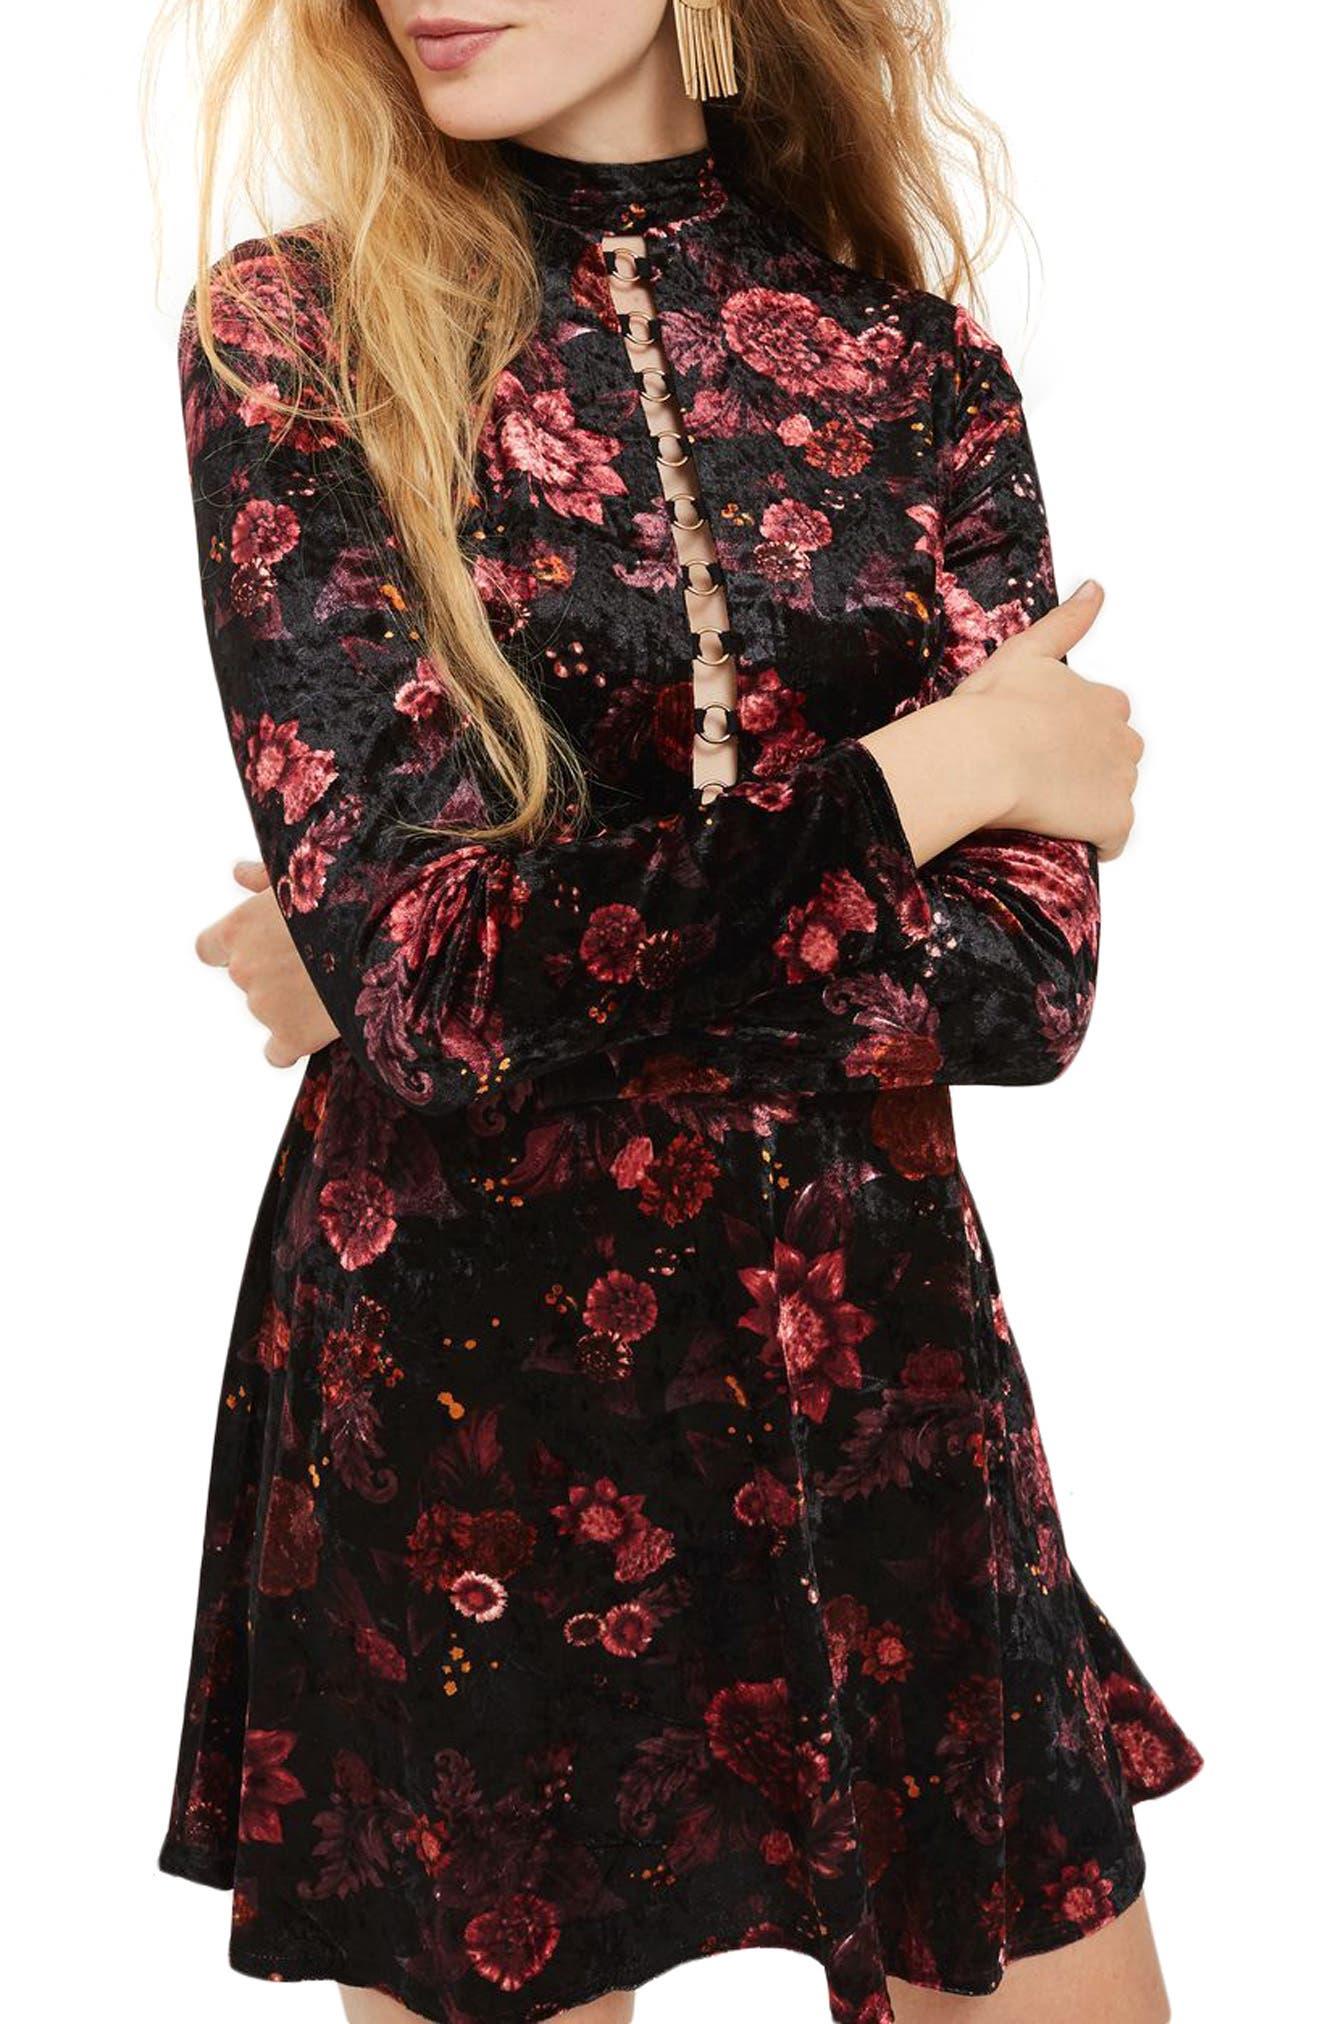 Ring Lace Up Floral Velvet Skater Dress,                         Main,                         color, Black Multi